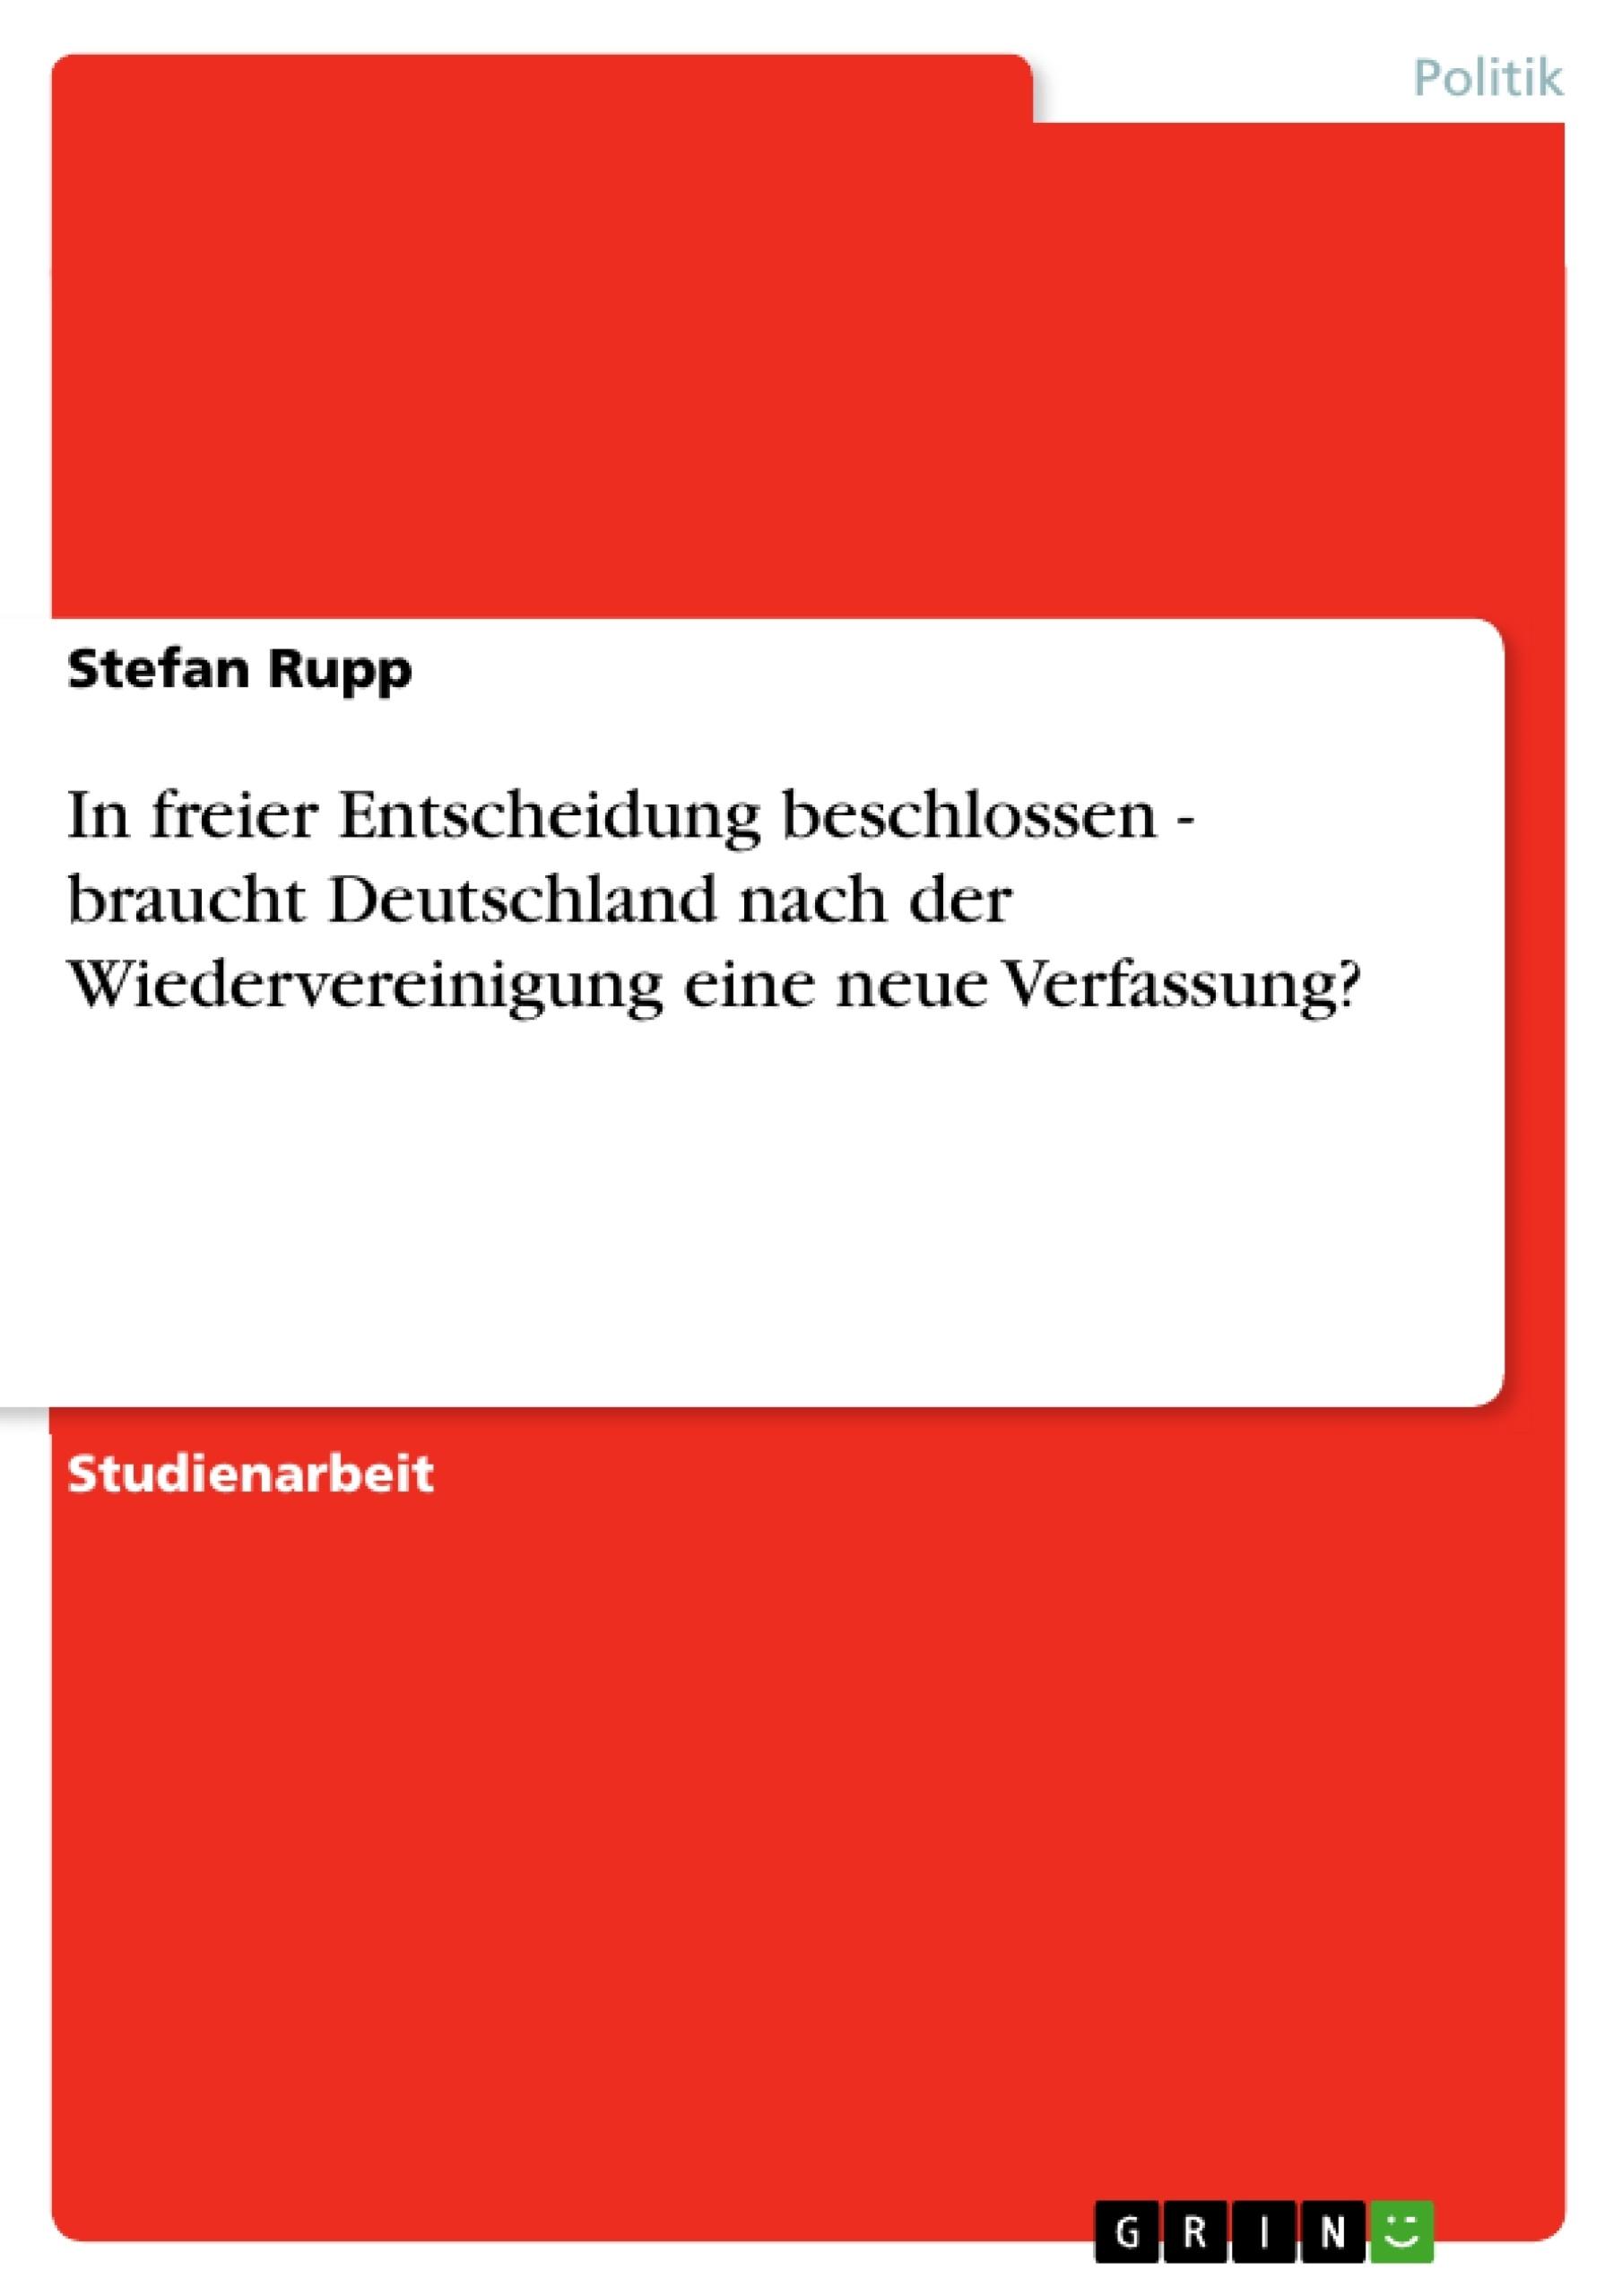 Titel: In freier Entscheidung beschlossen - braucht Deutschland nach der Wiedervereinigung eine neue Verfassung?